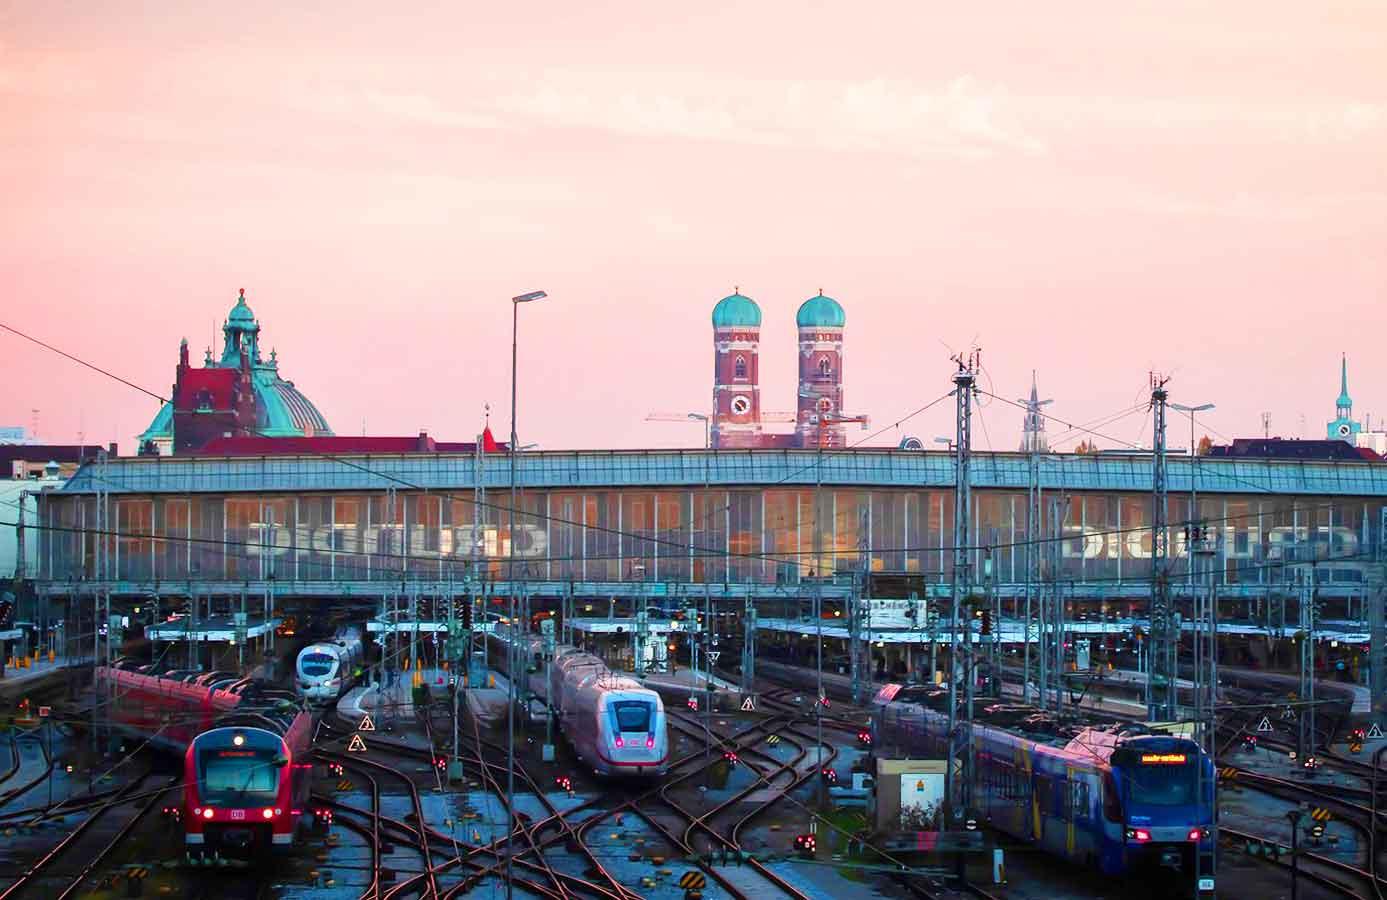 ミュンヘンとベルリンの移動方法 ミュンヘン中央駅の画像